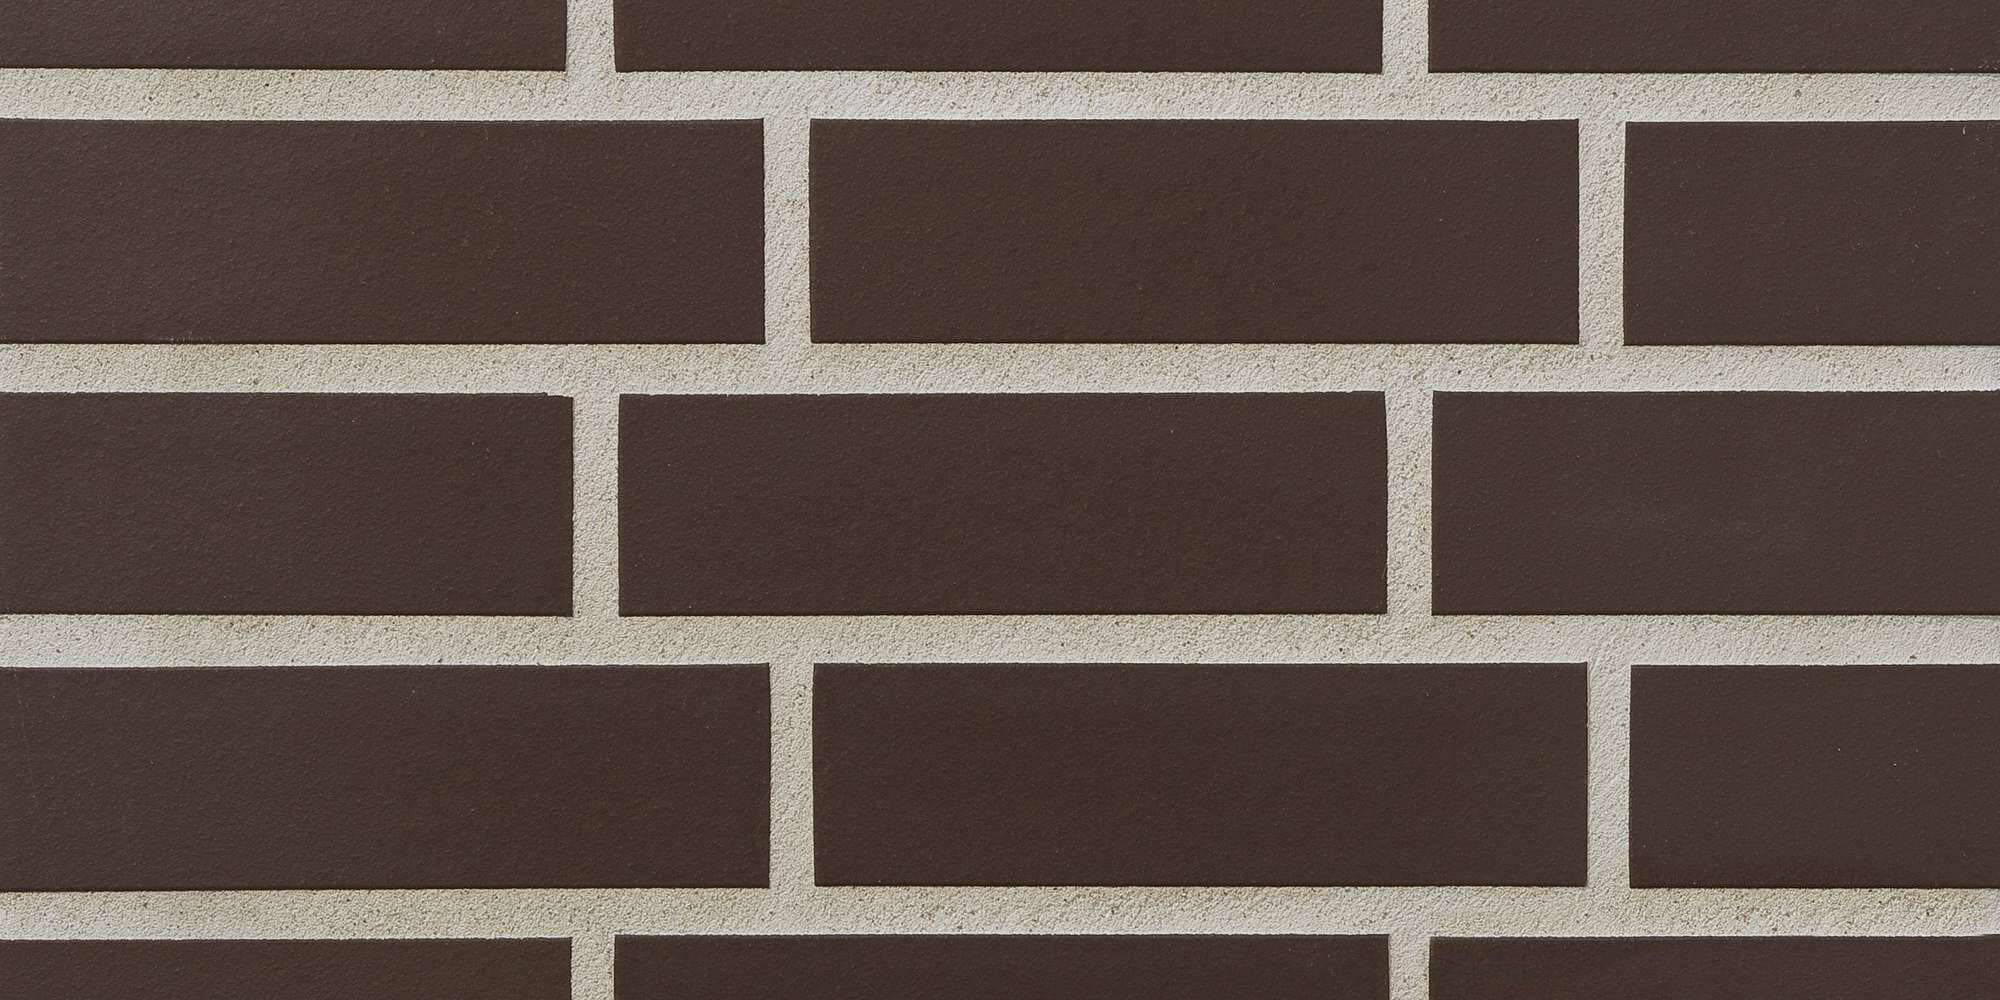 Stroeher - 210 braun , Keravette, unglasiert, неглазурованная, гладкая, 240x71x11 - Клинкерная плитка для фасада и внутренней отделки